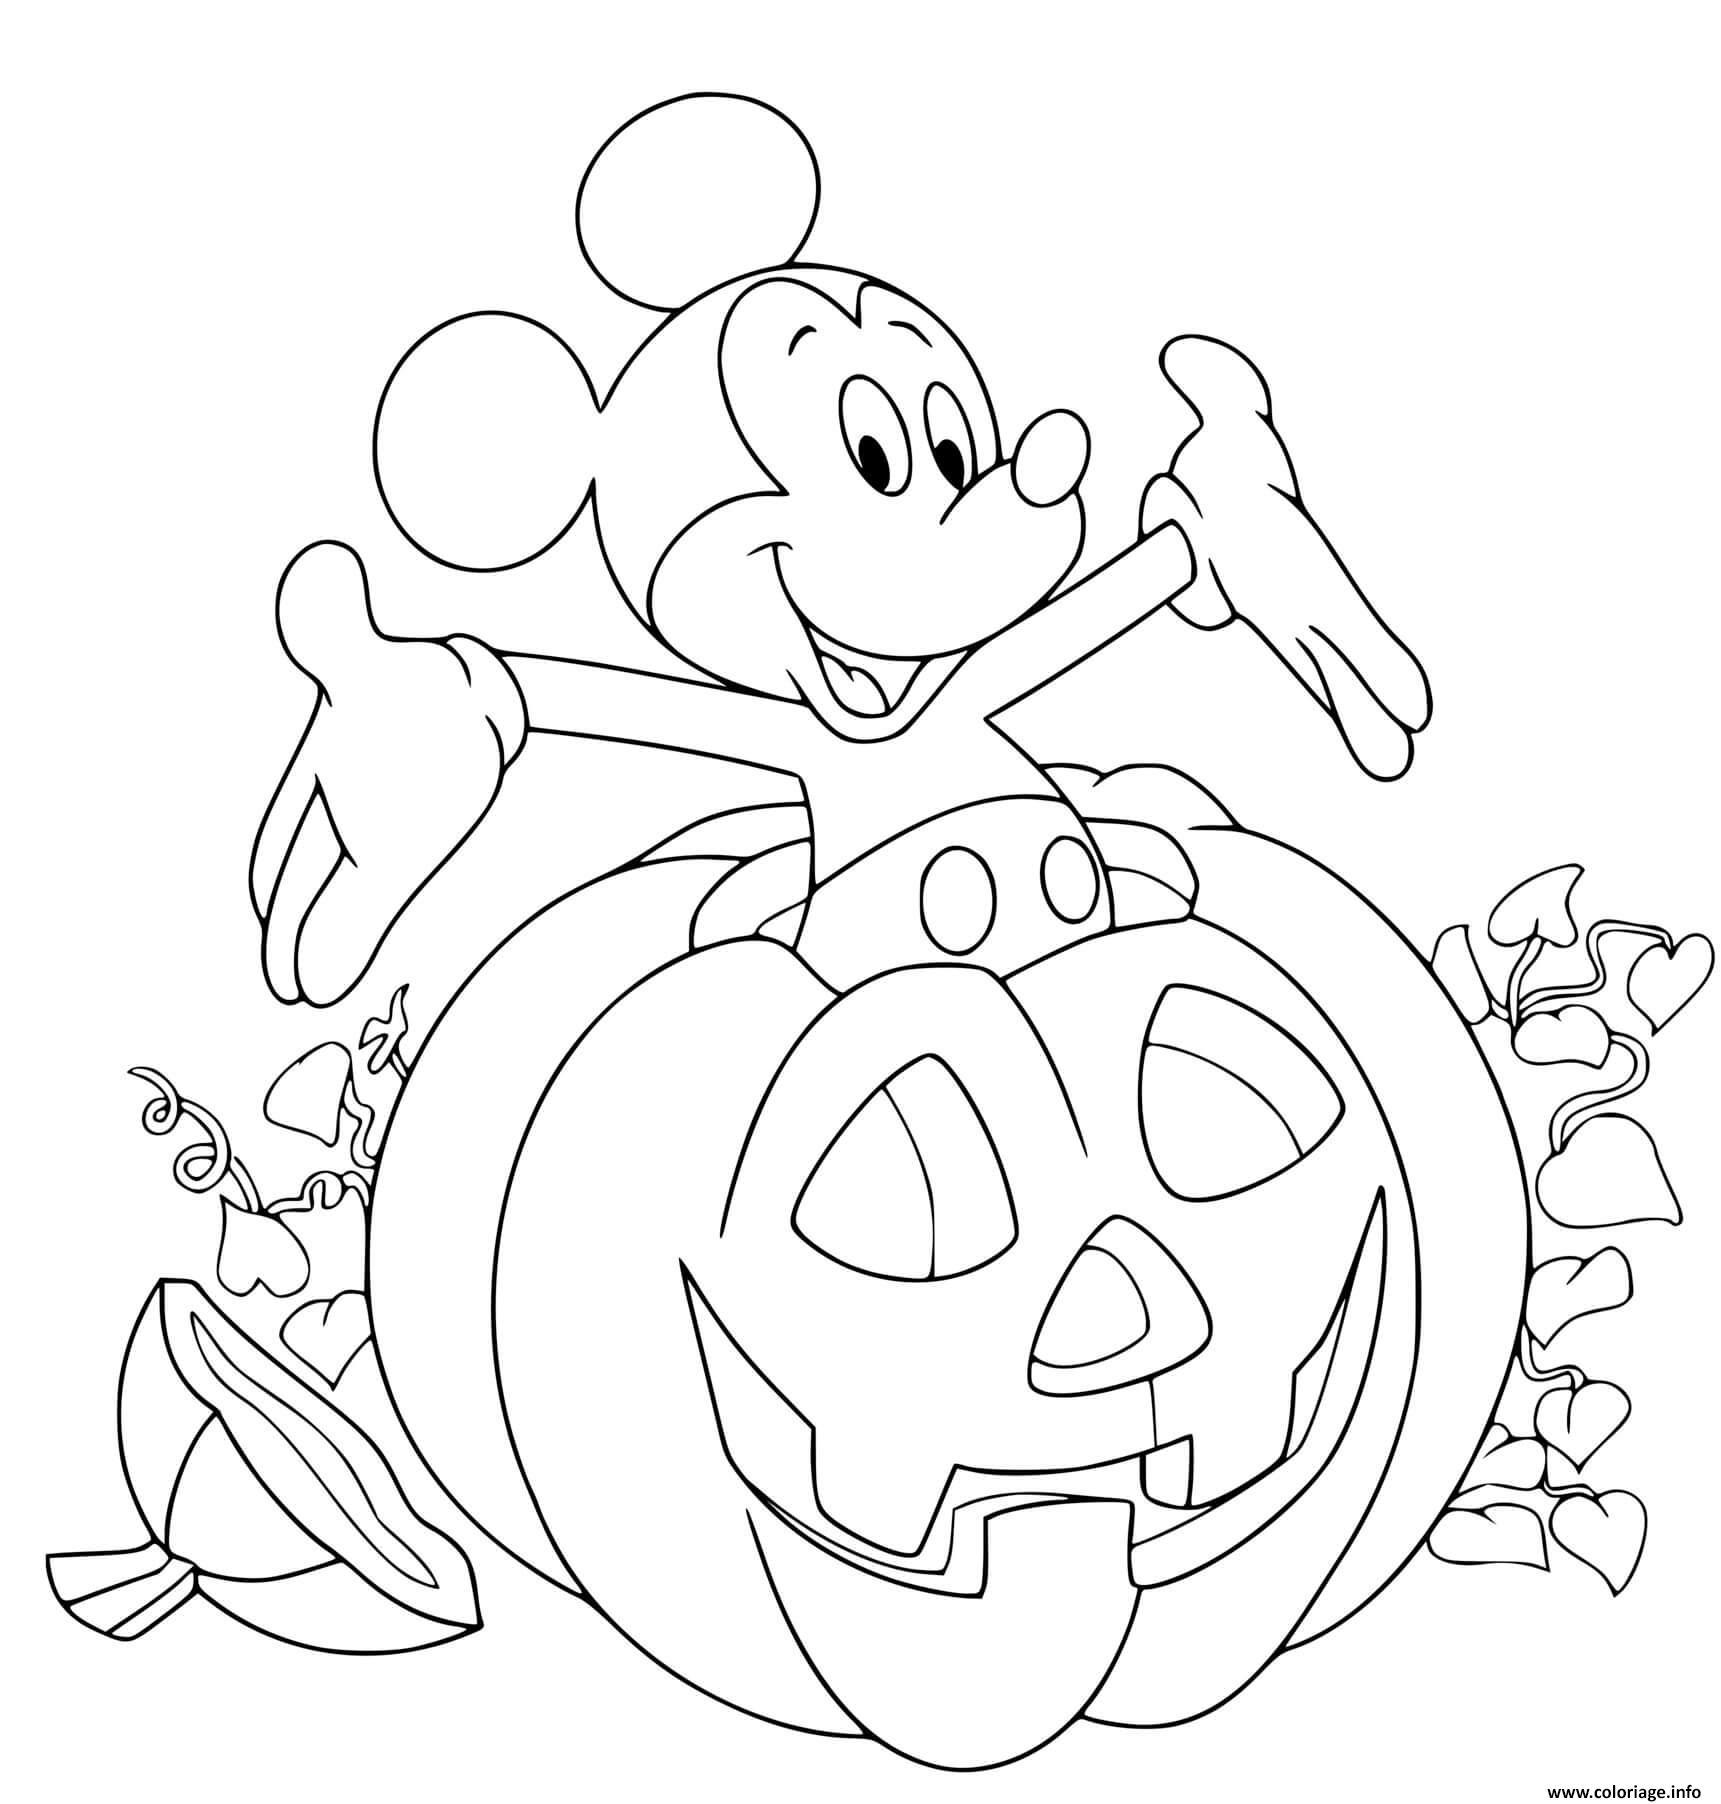 Dessin mickey mouse dans une citrouille Coloriage Gratuit à Imprimer